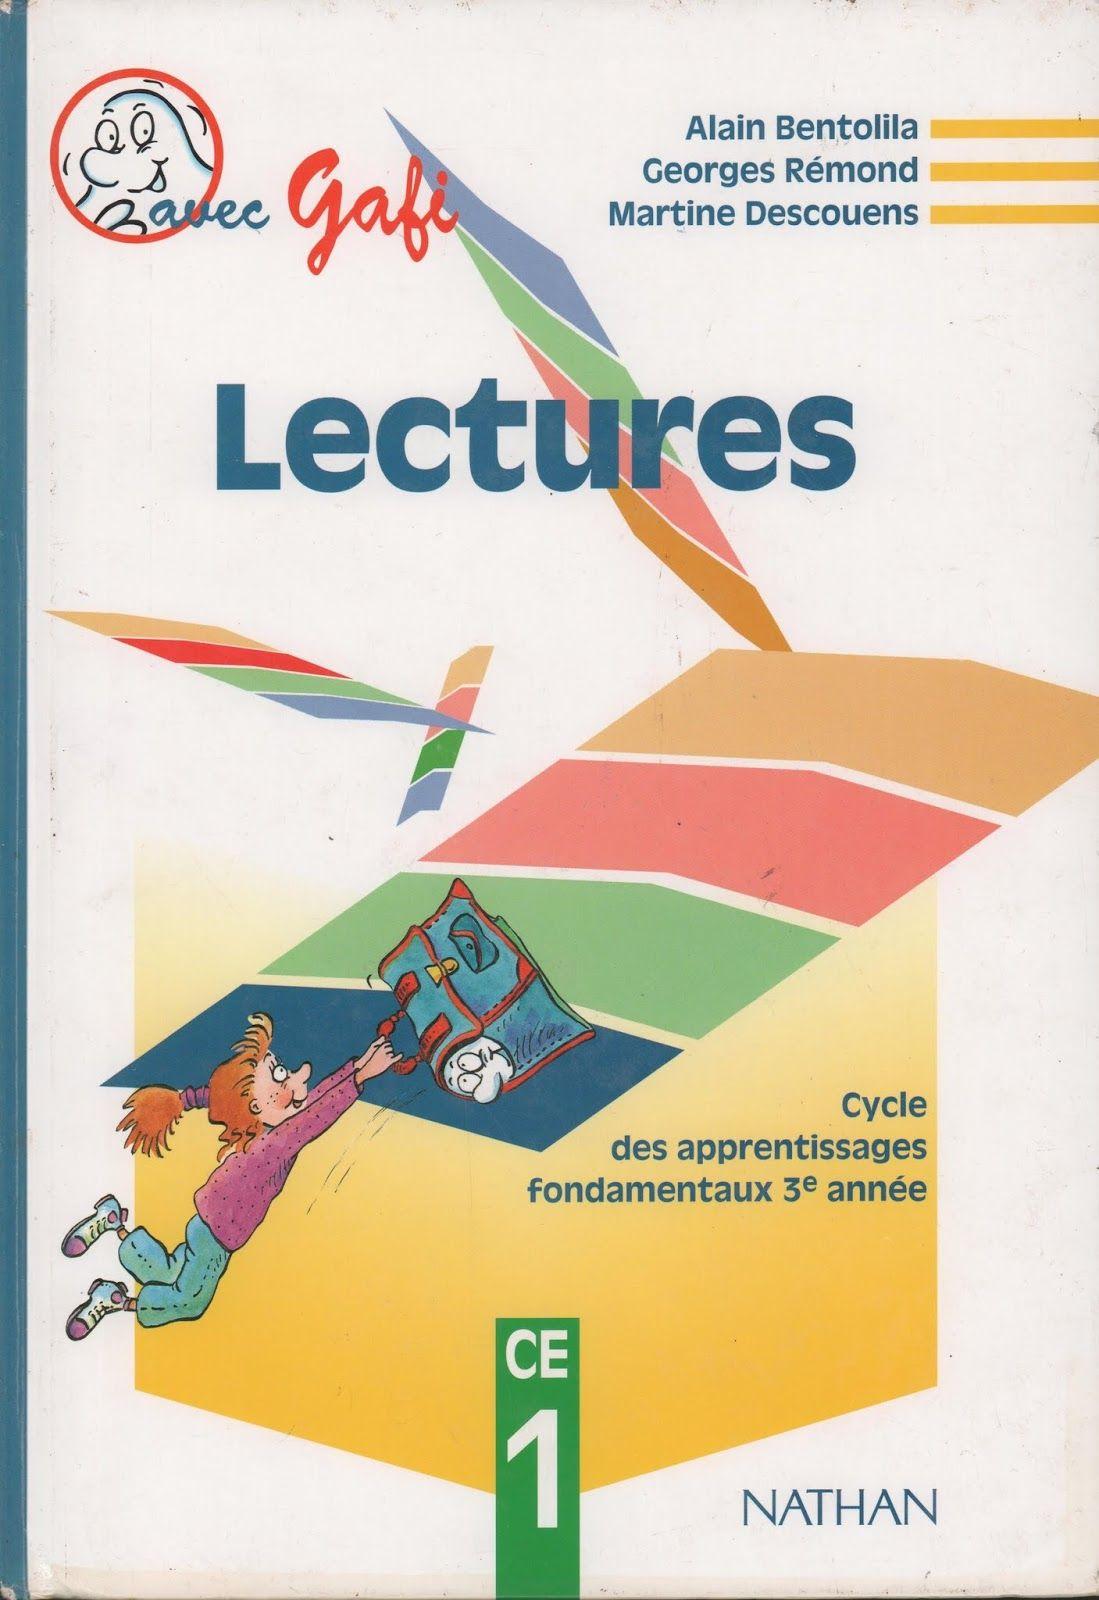 Epingle Sur Lecture Cp Ce1 Ce2